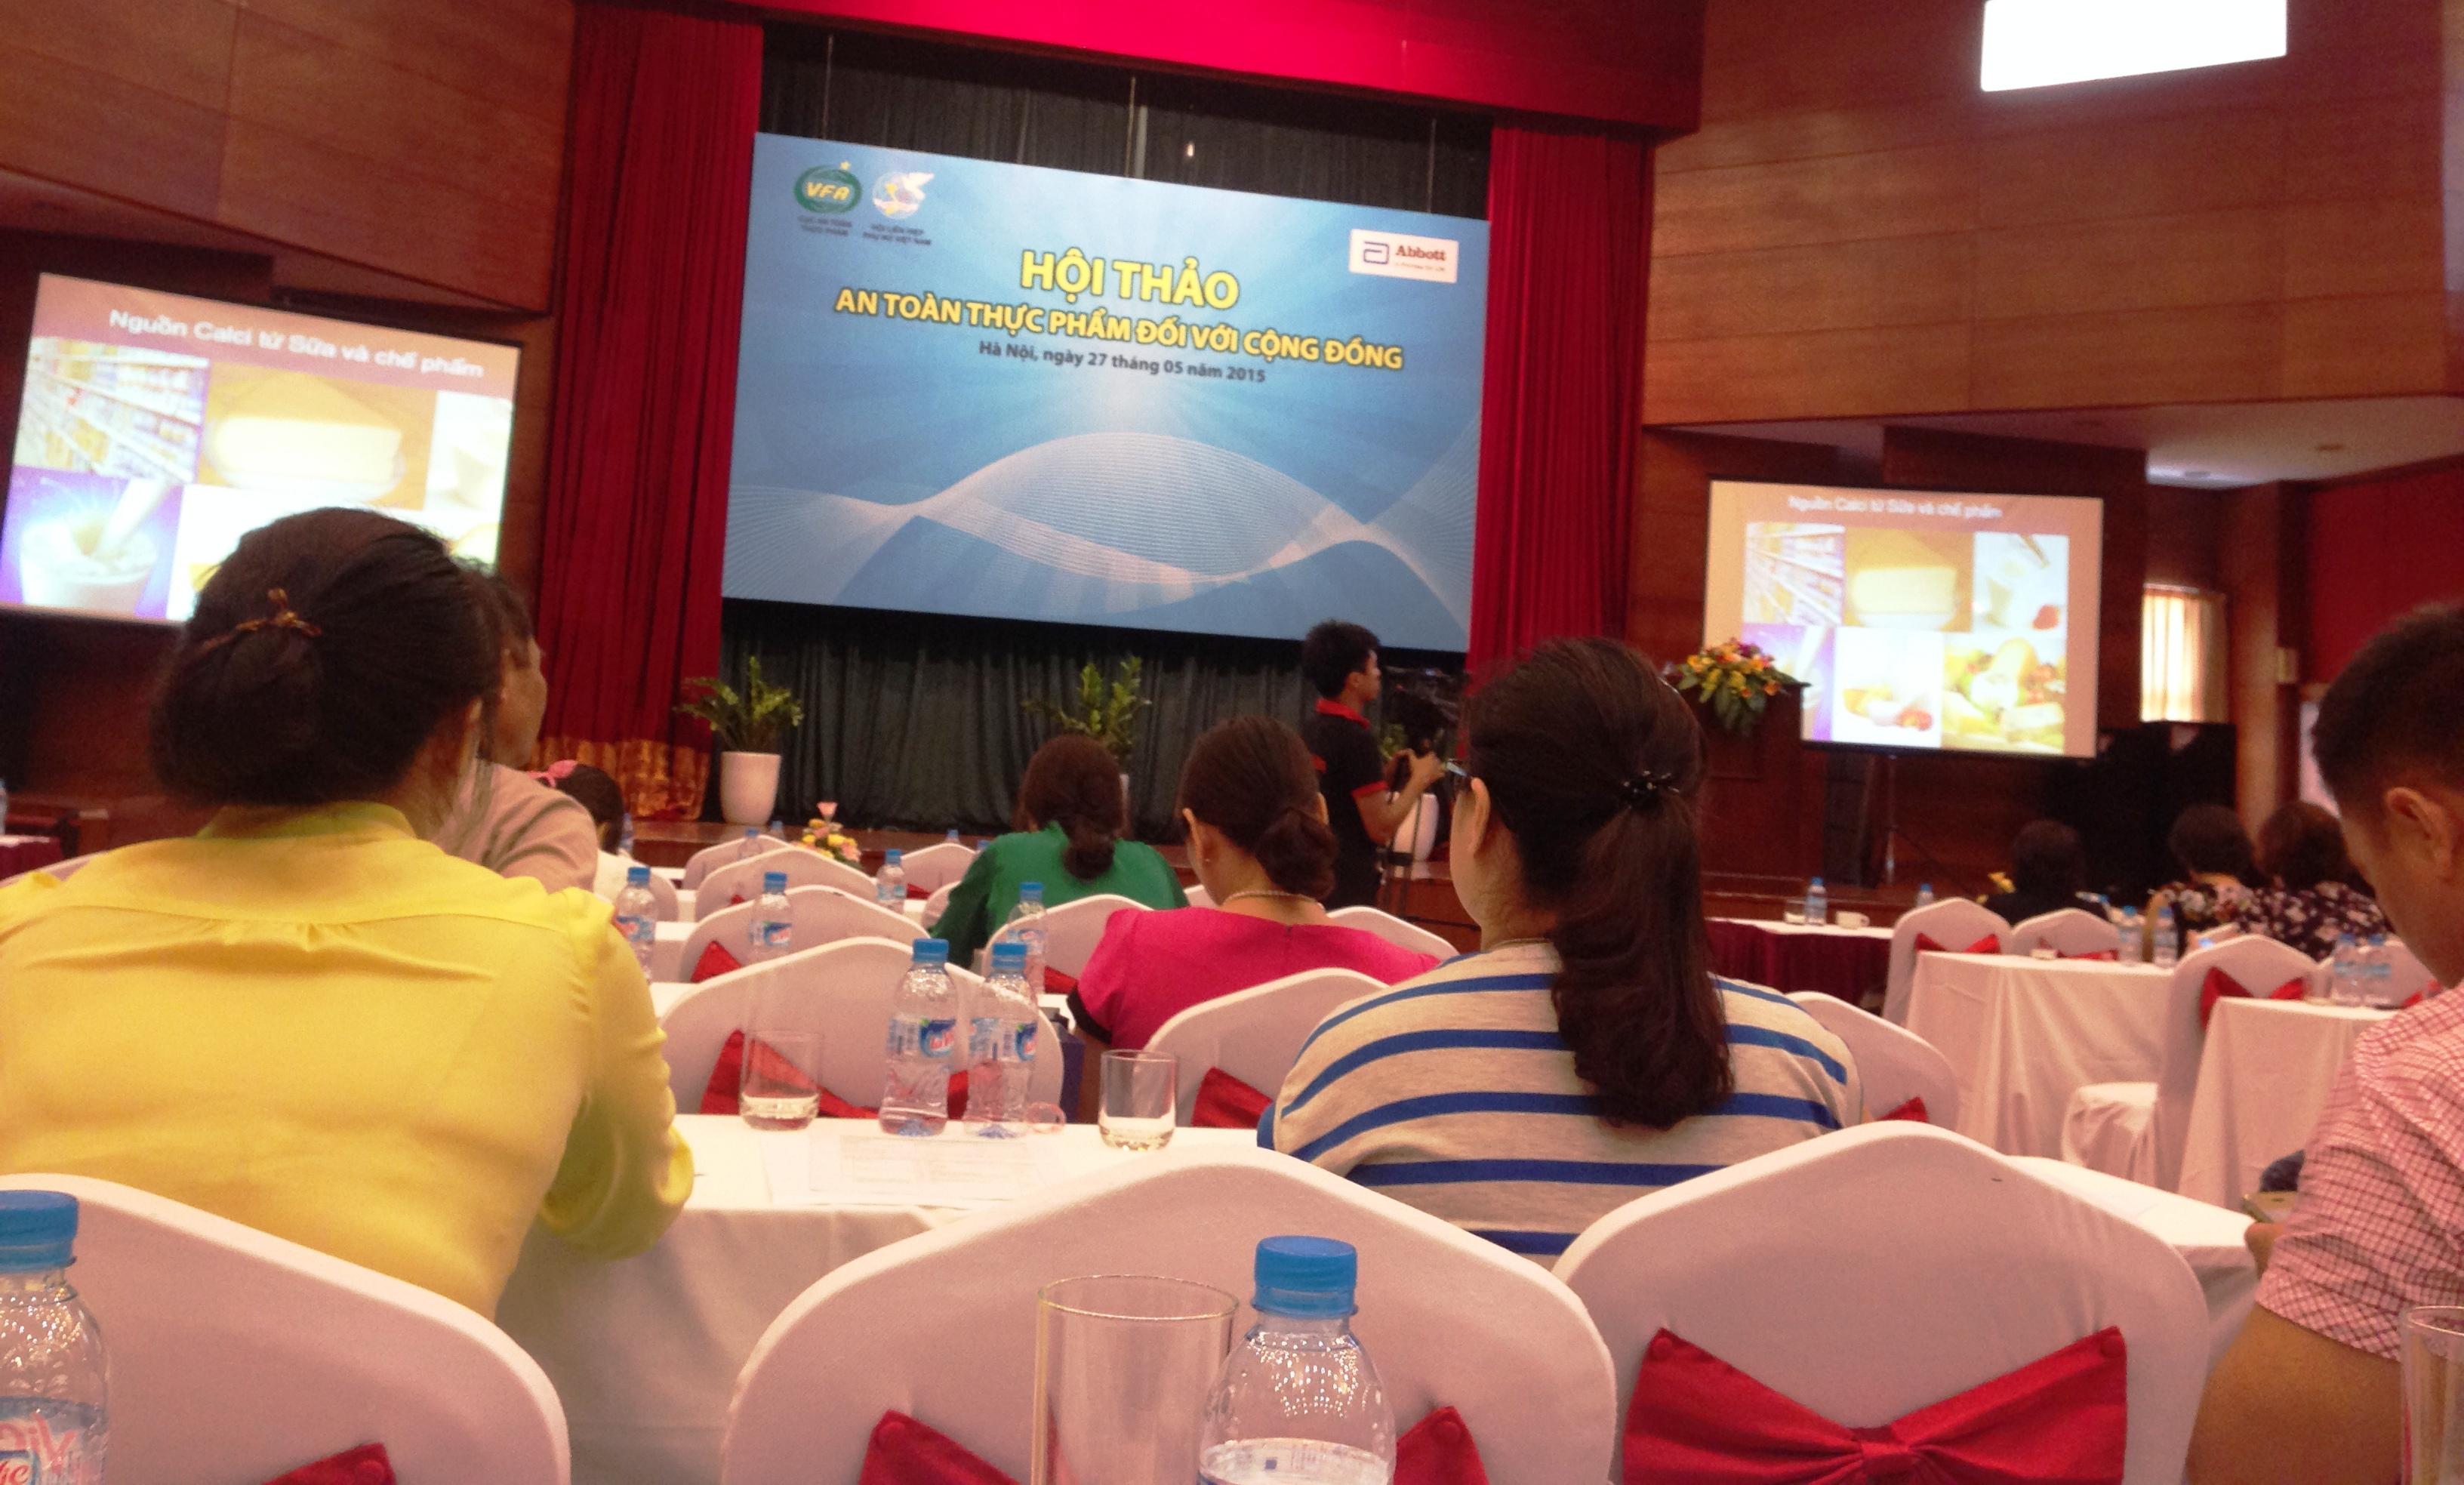 Hội thảo An toàn thực phẩm đối với cộng đồng